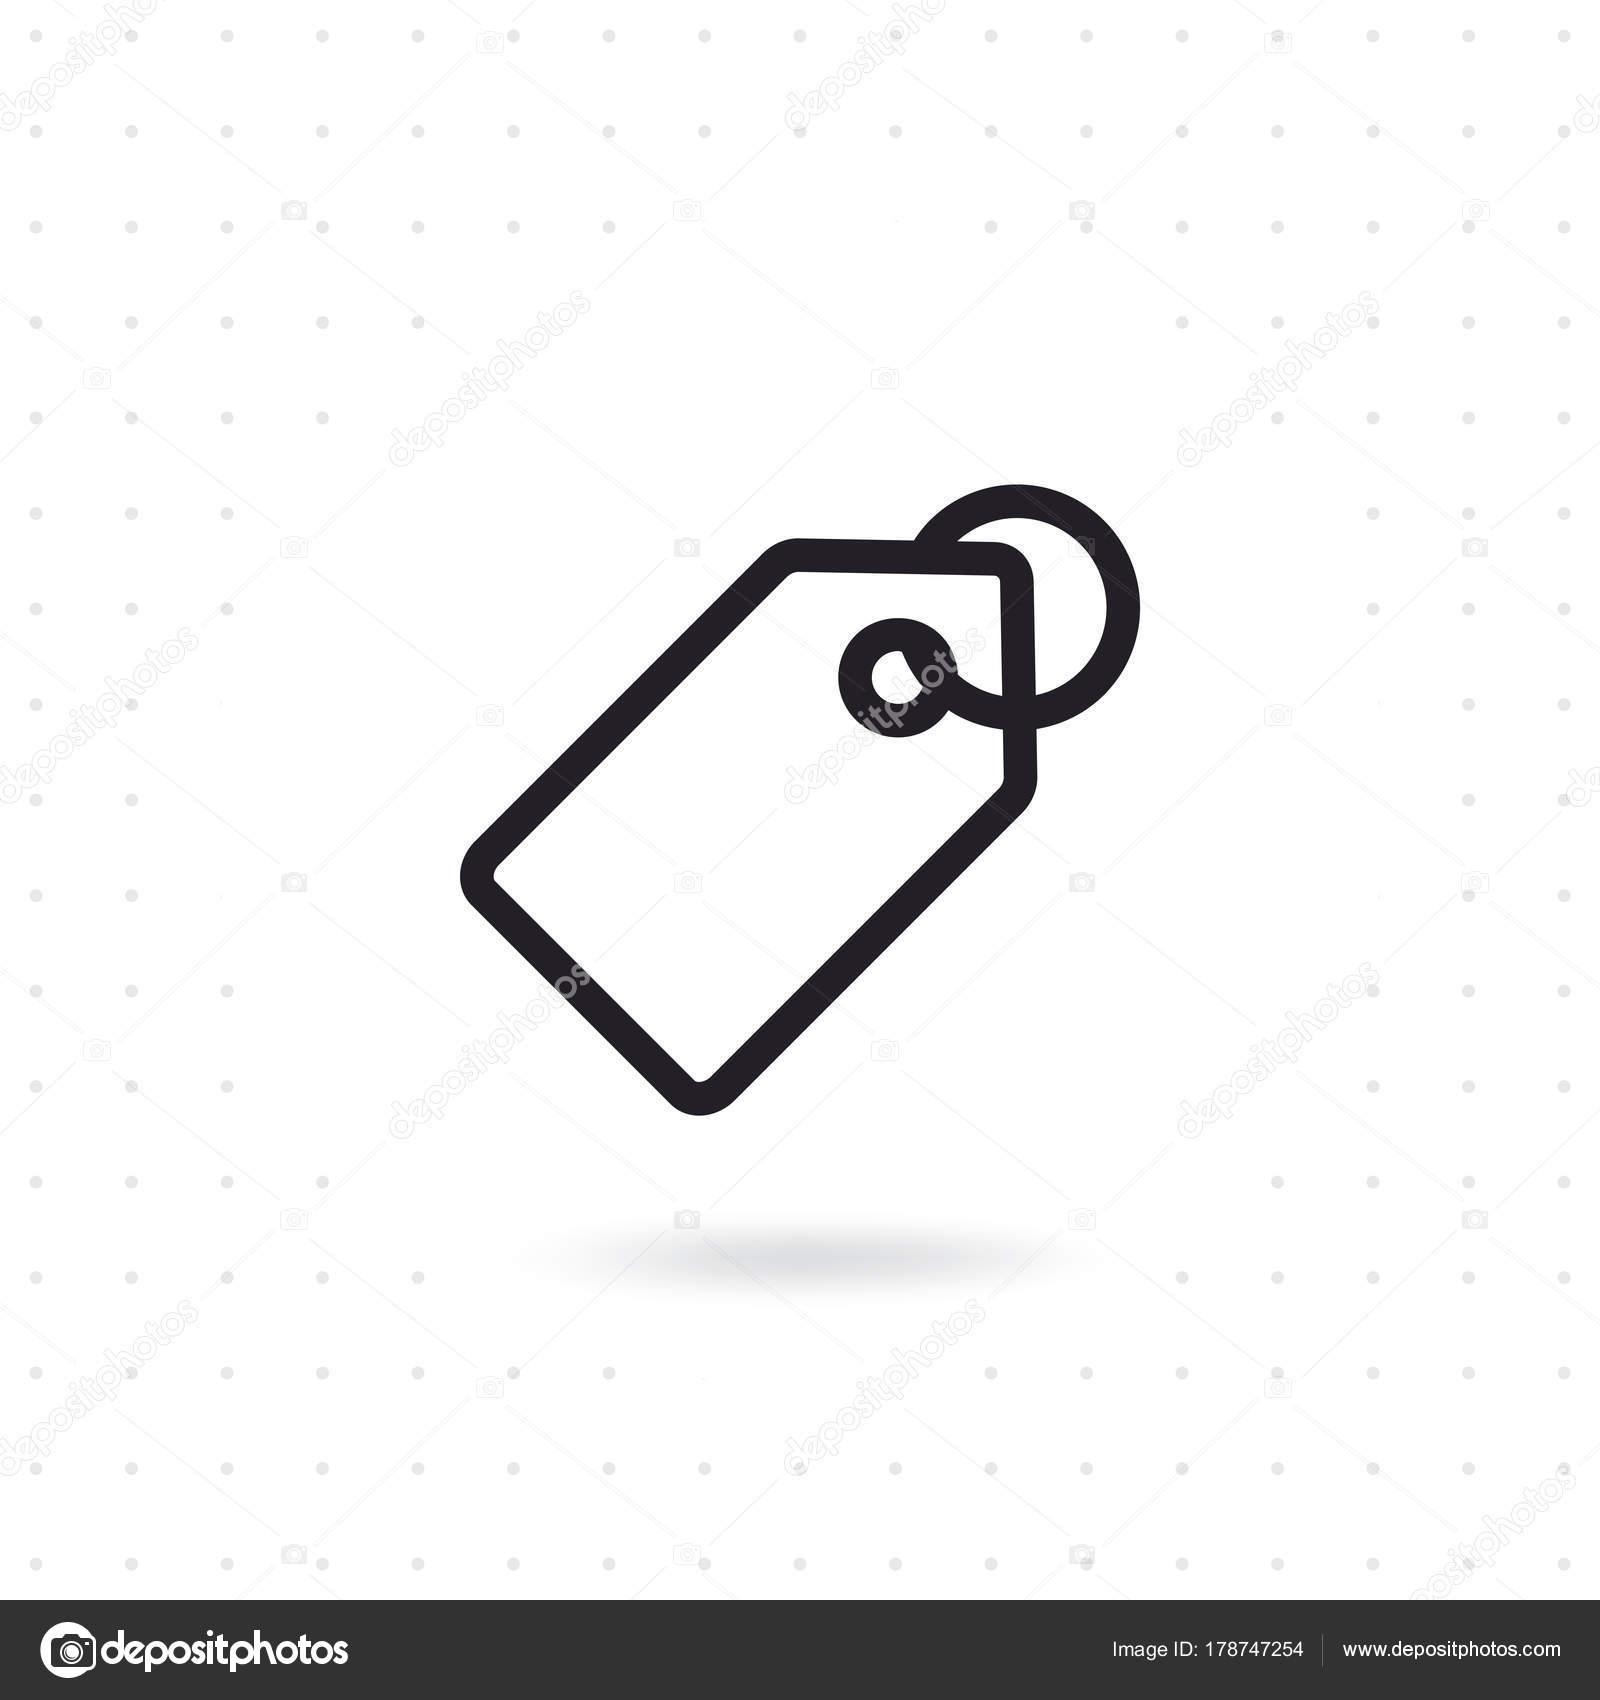 preisschild symbol tag label symbol f r websites und apps. Black Bedroom Furniture Sets. Home Design Ideas